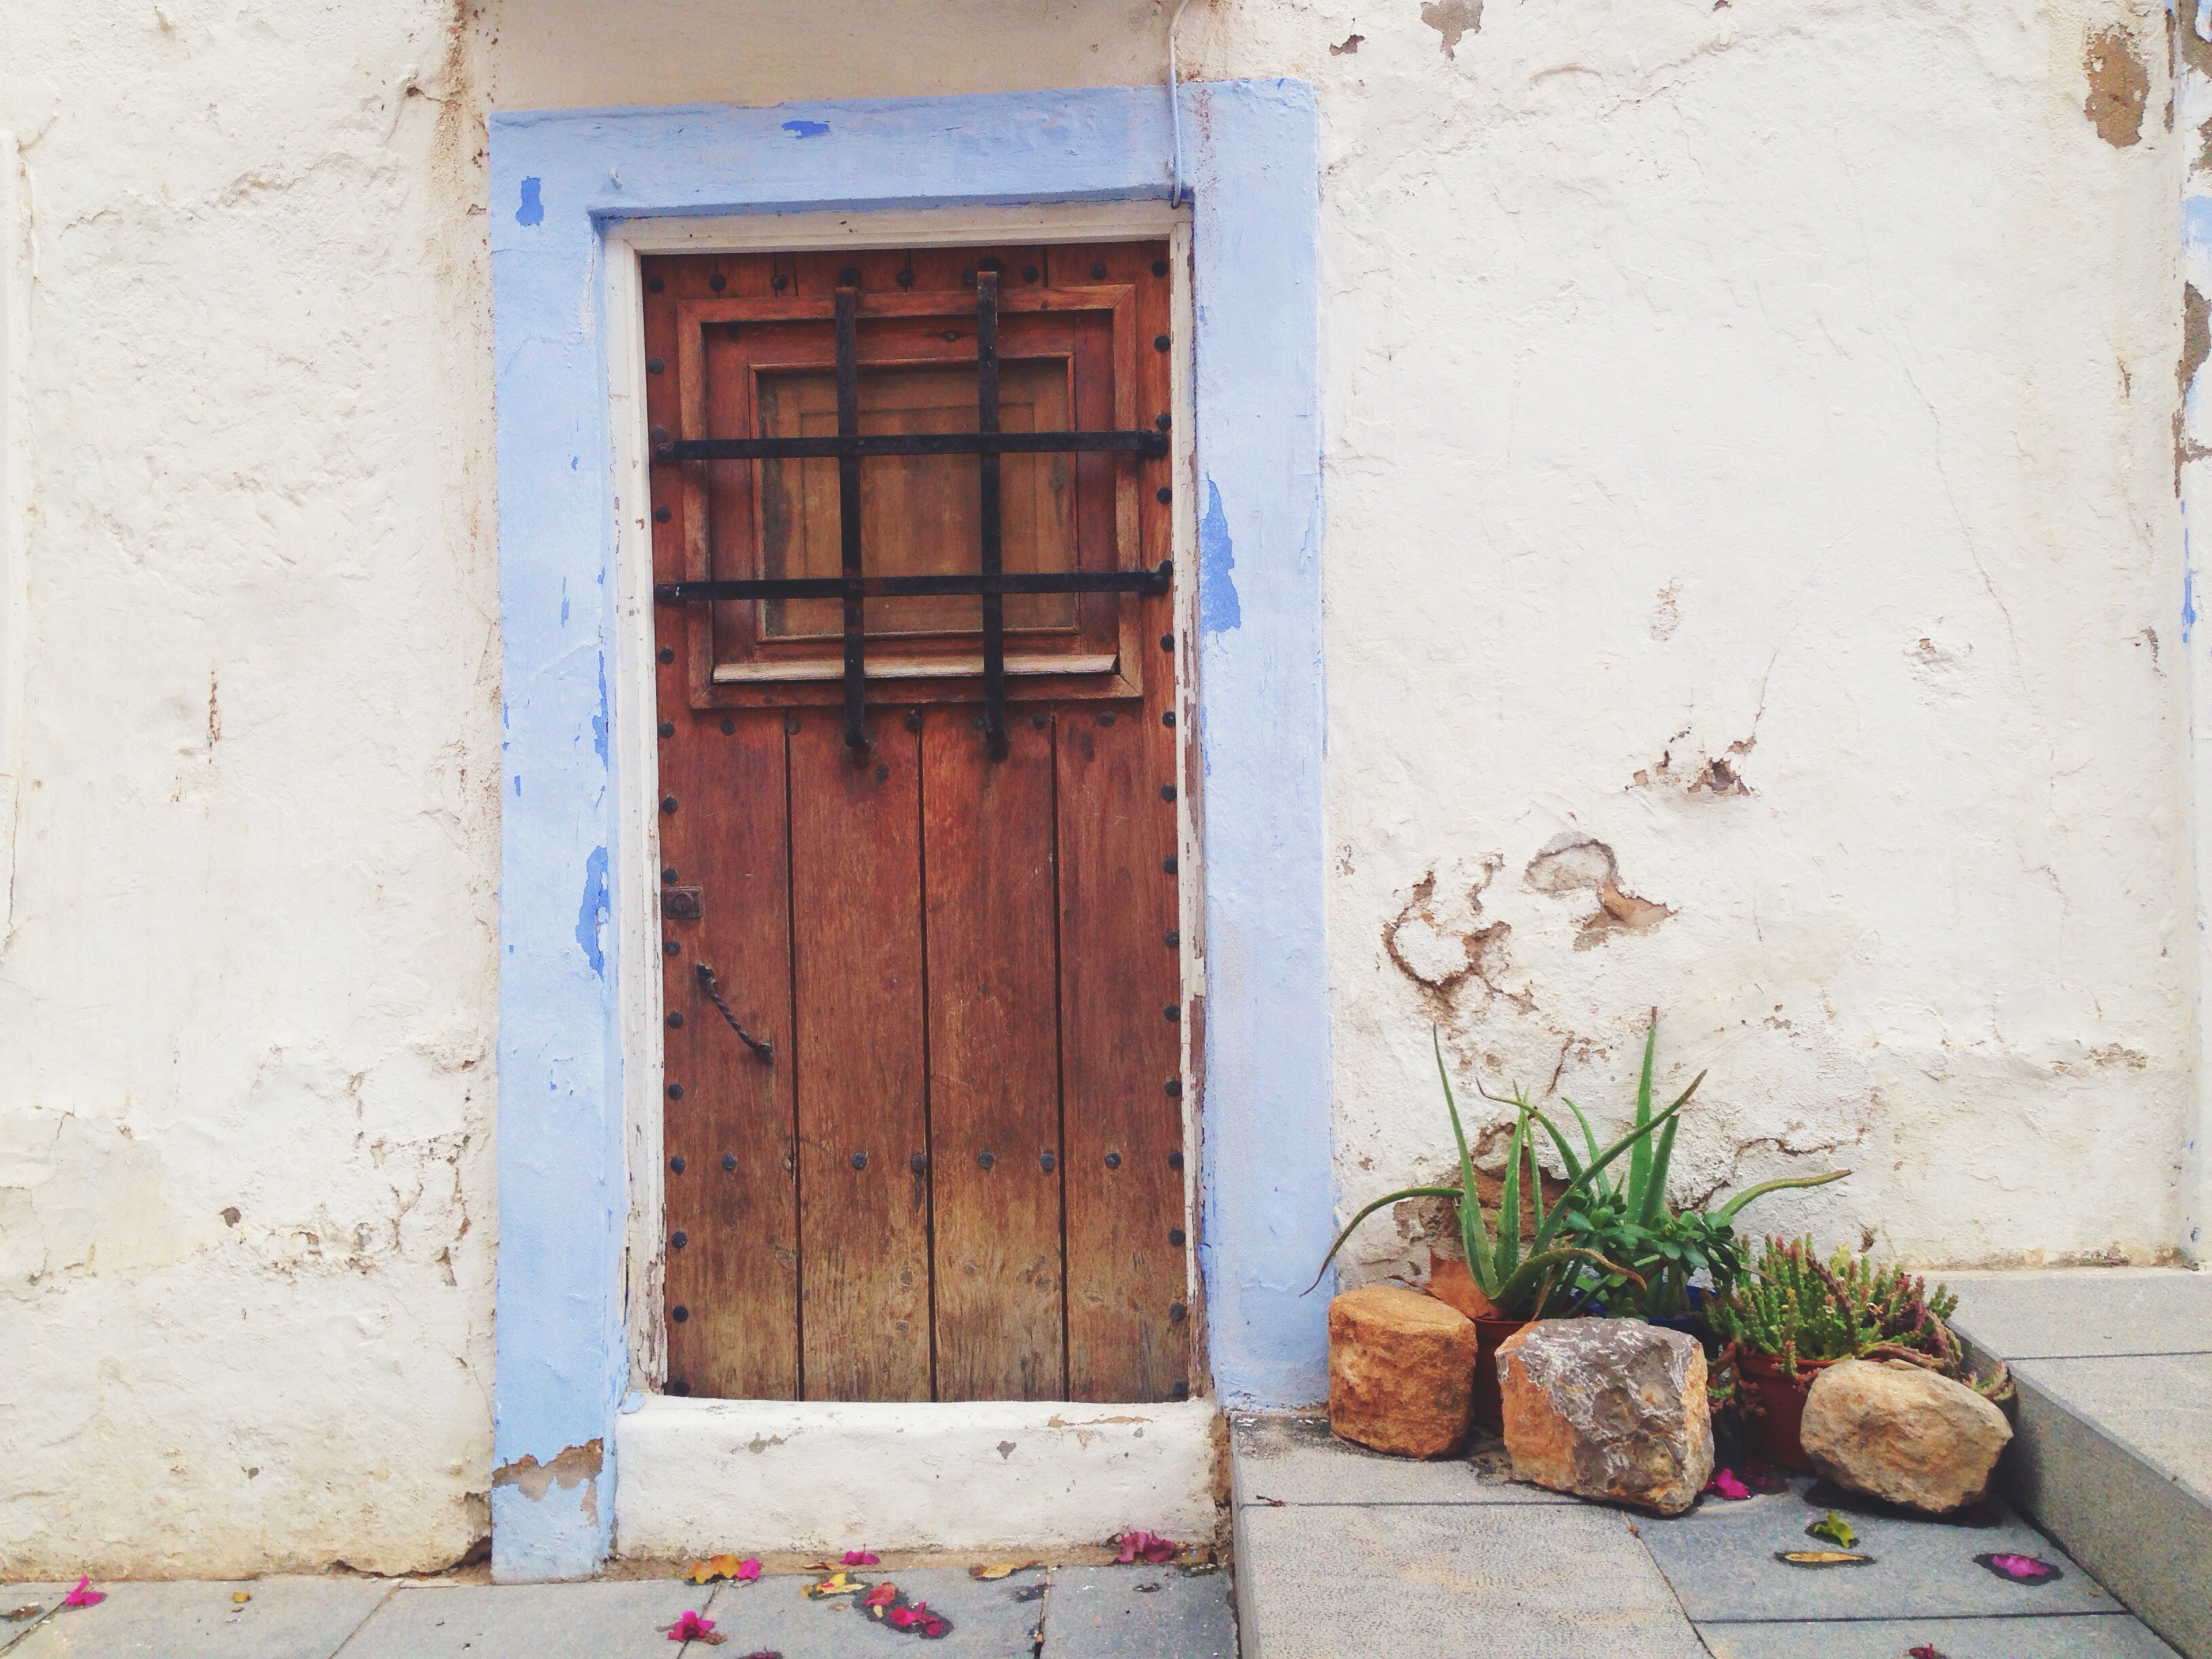 Questa porta mi ha intrigato, ho aspettato, ma non si è aperta